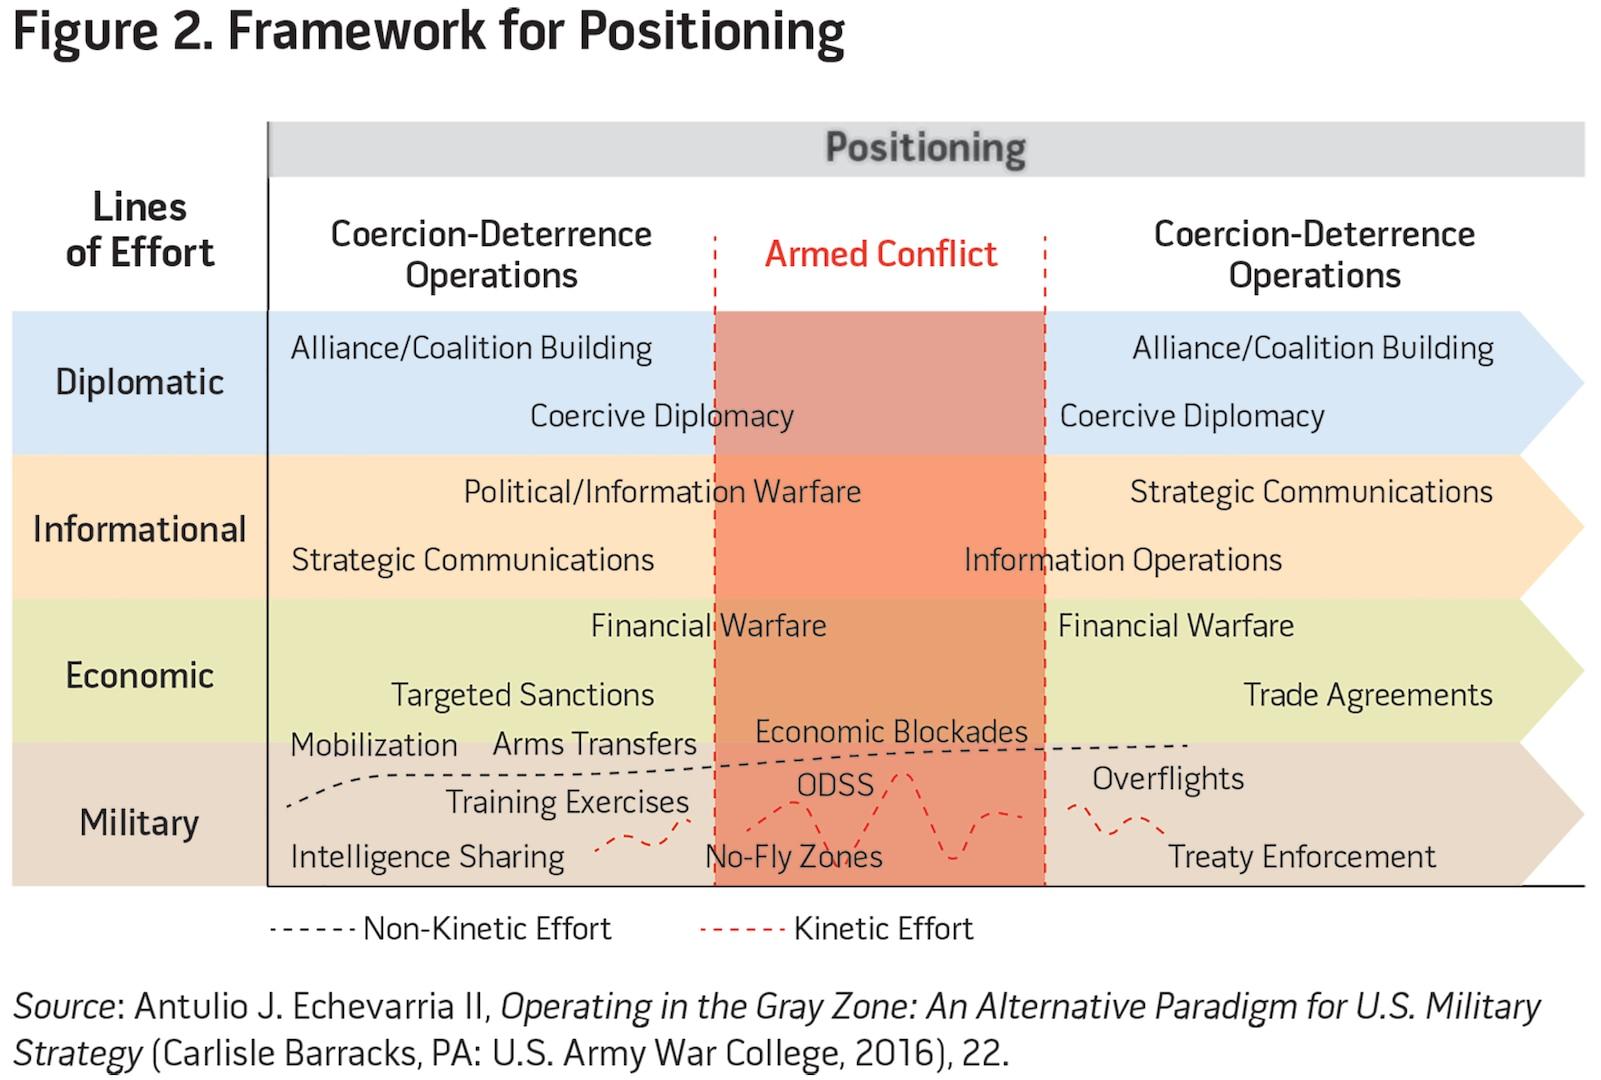 Figure 1. Framework for Positioning